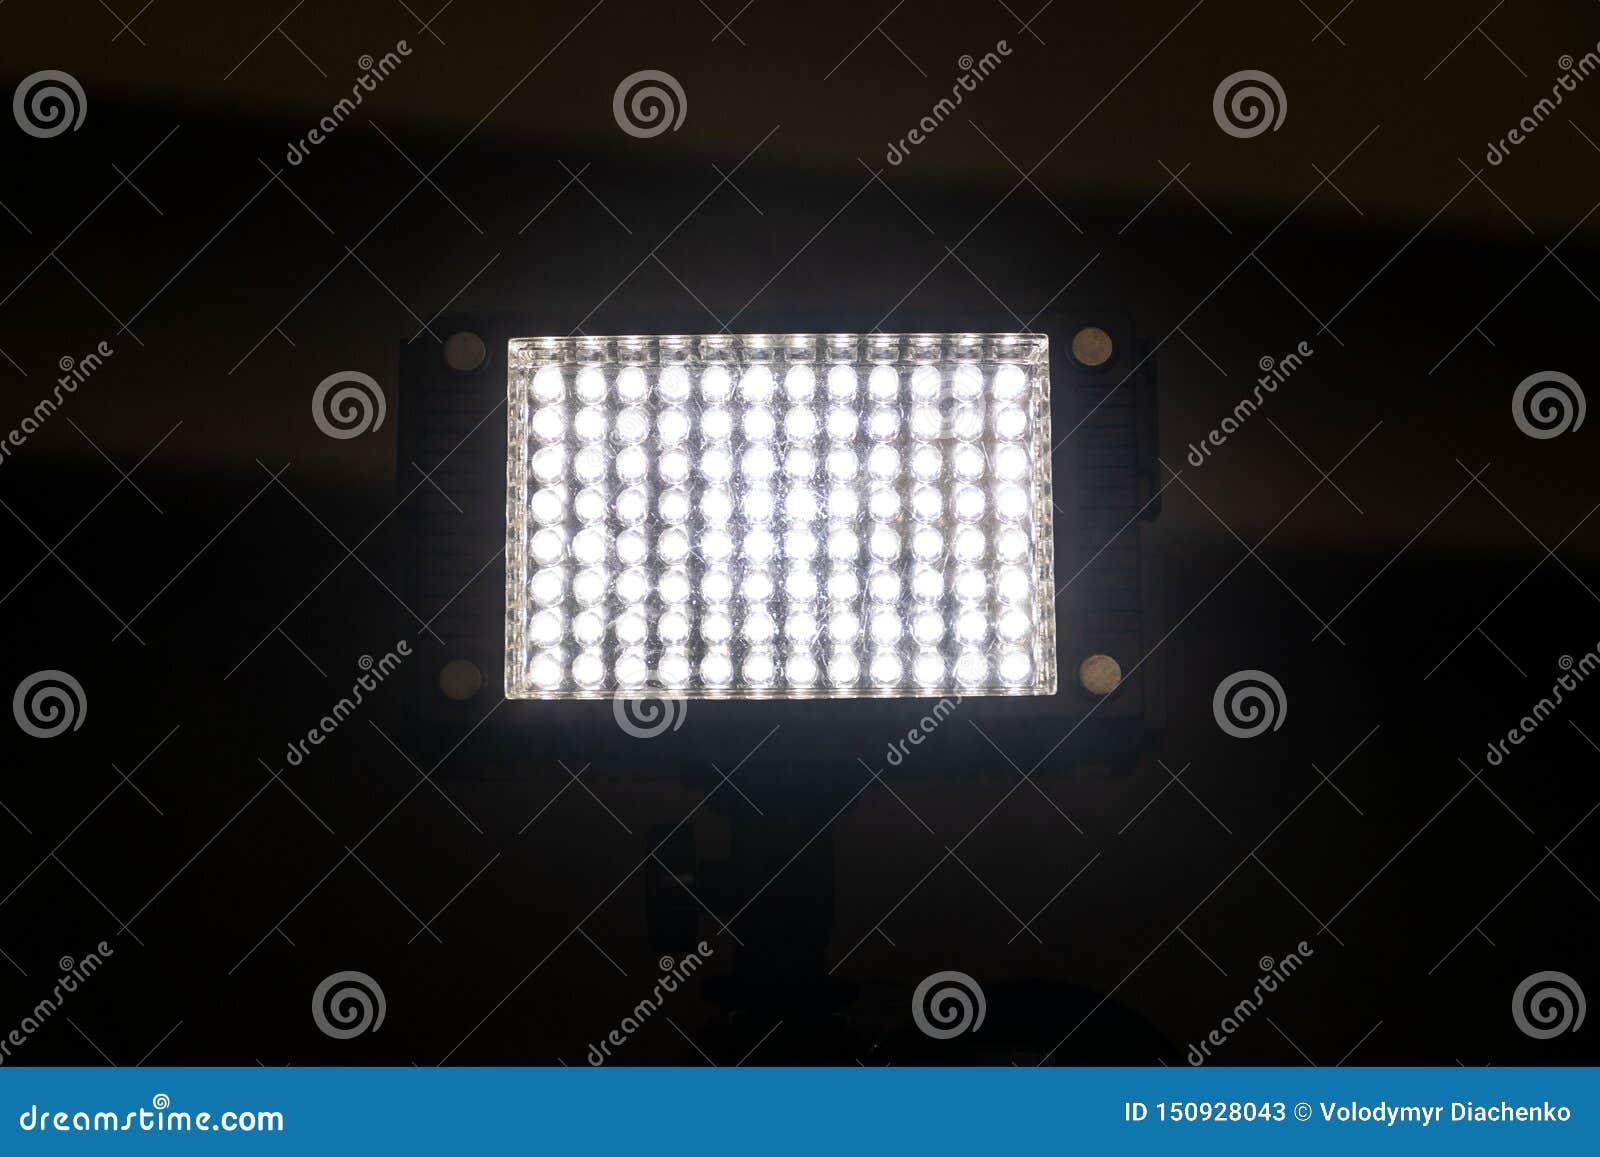 Luce potente luminosa di una lanterna rettangolare con il LED